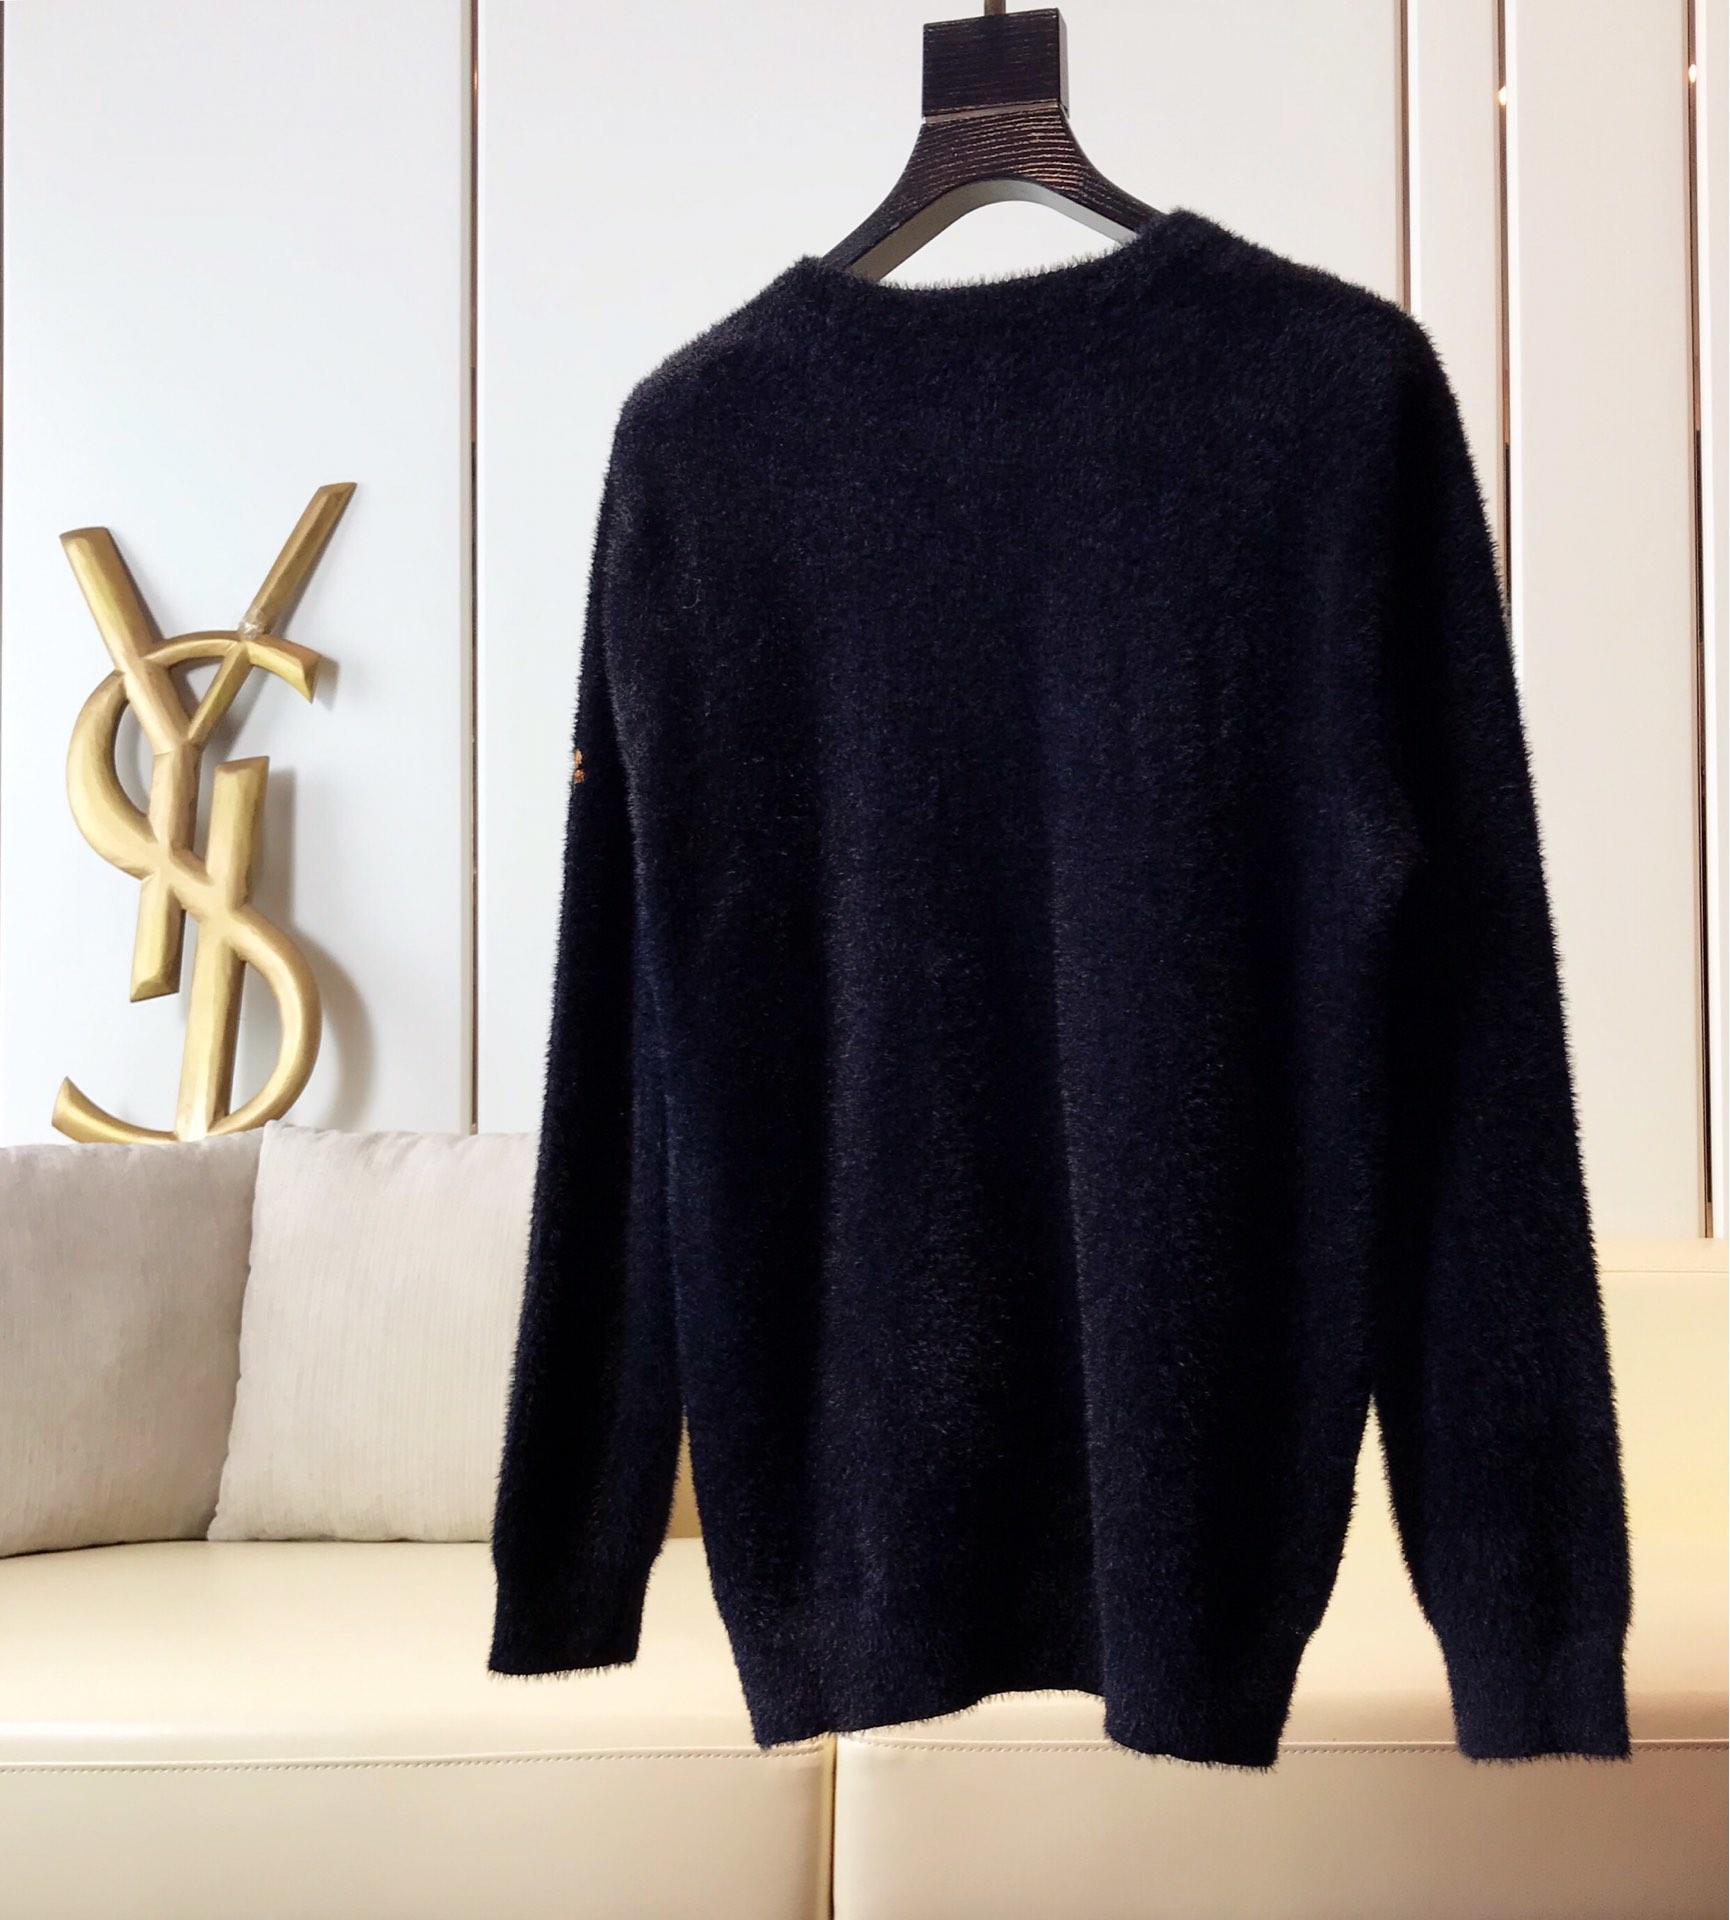 水貂毛系列Dior迪奥2019专柜款